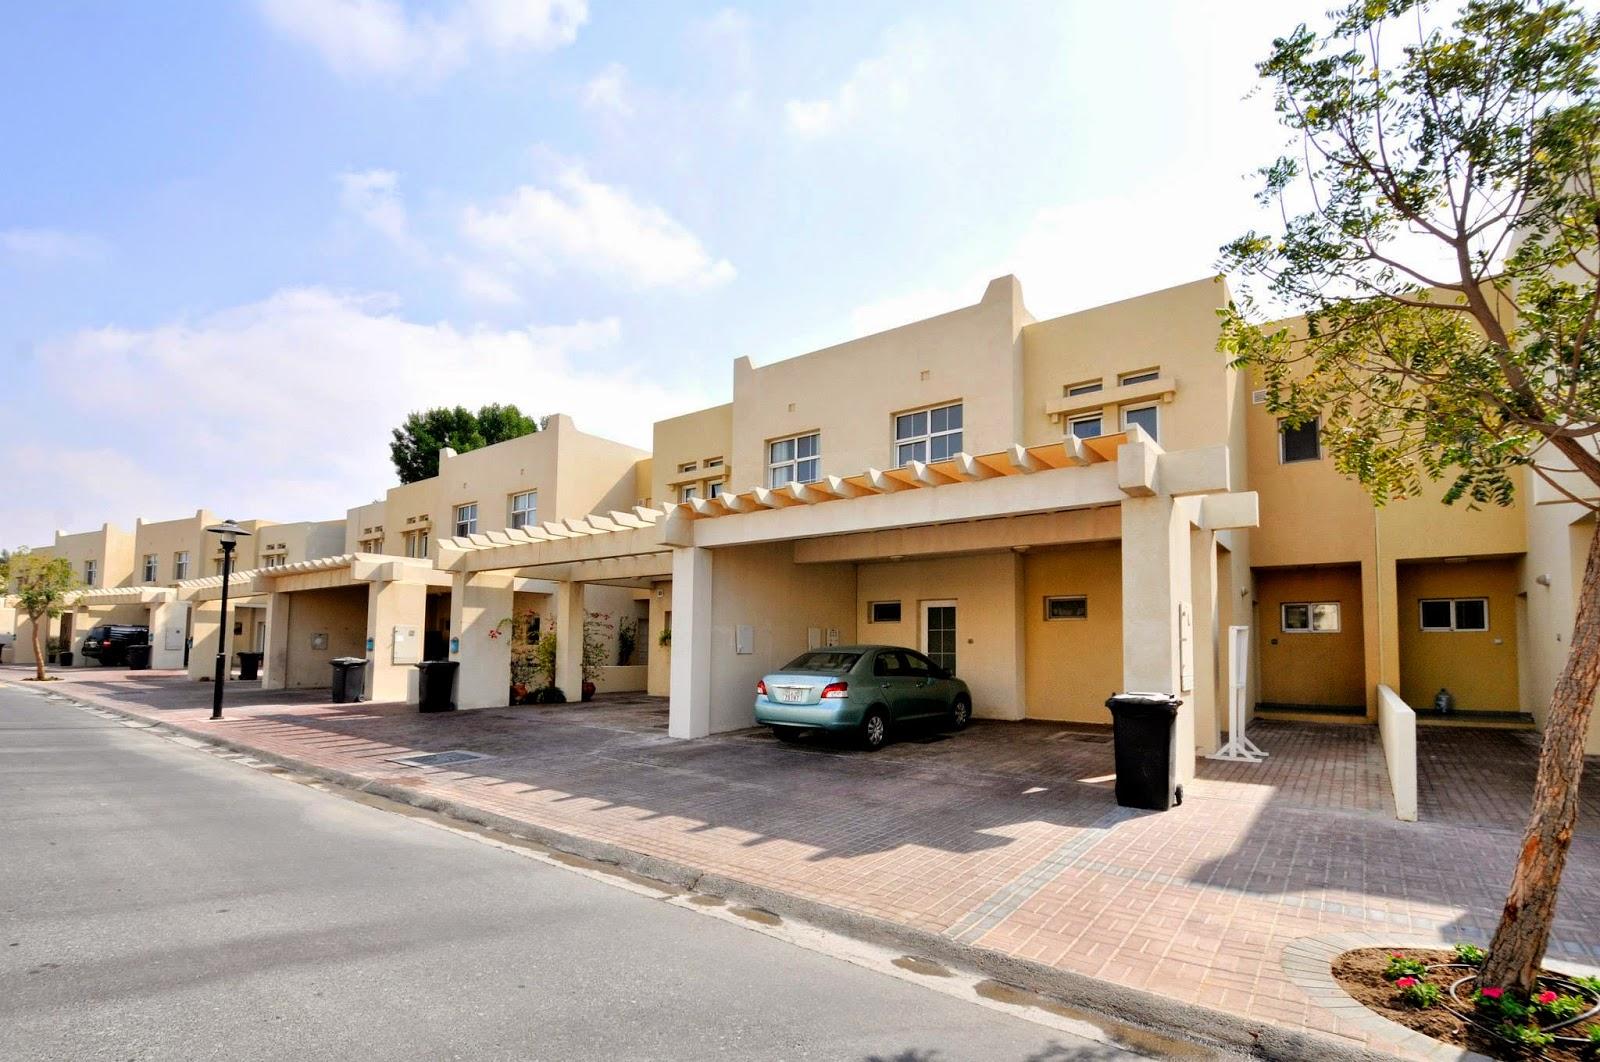 Burj khalifa apartments